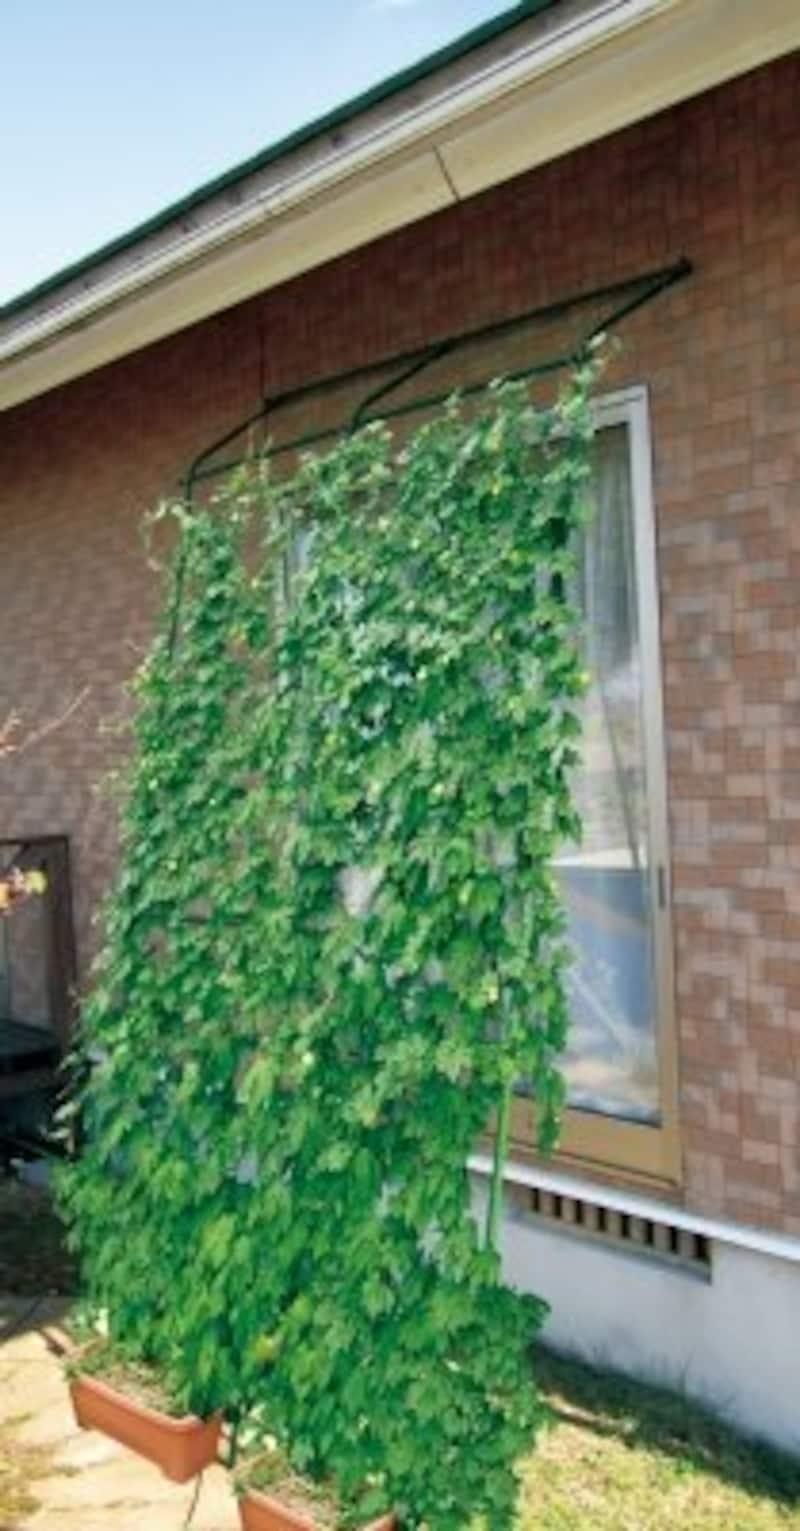 DAMI,緑のカーテン アーチ de 立掛けワイド1800